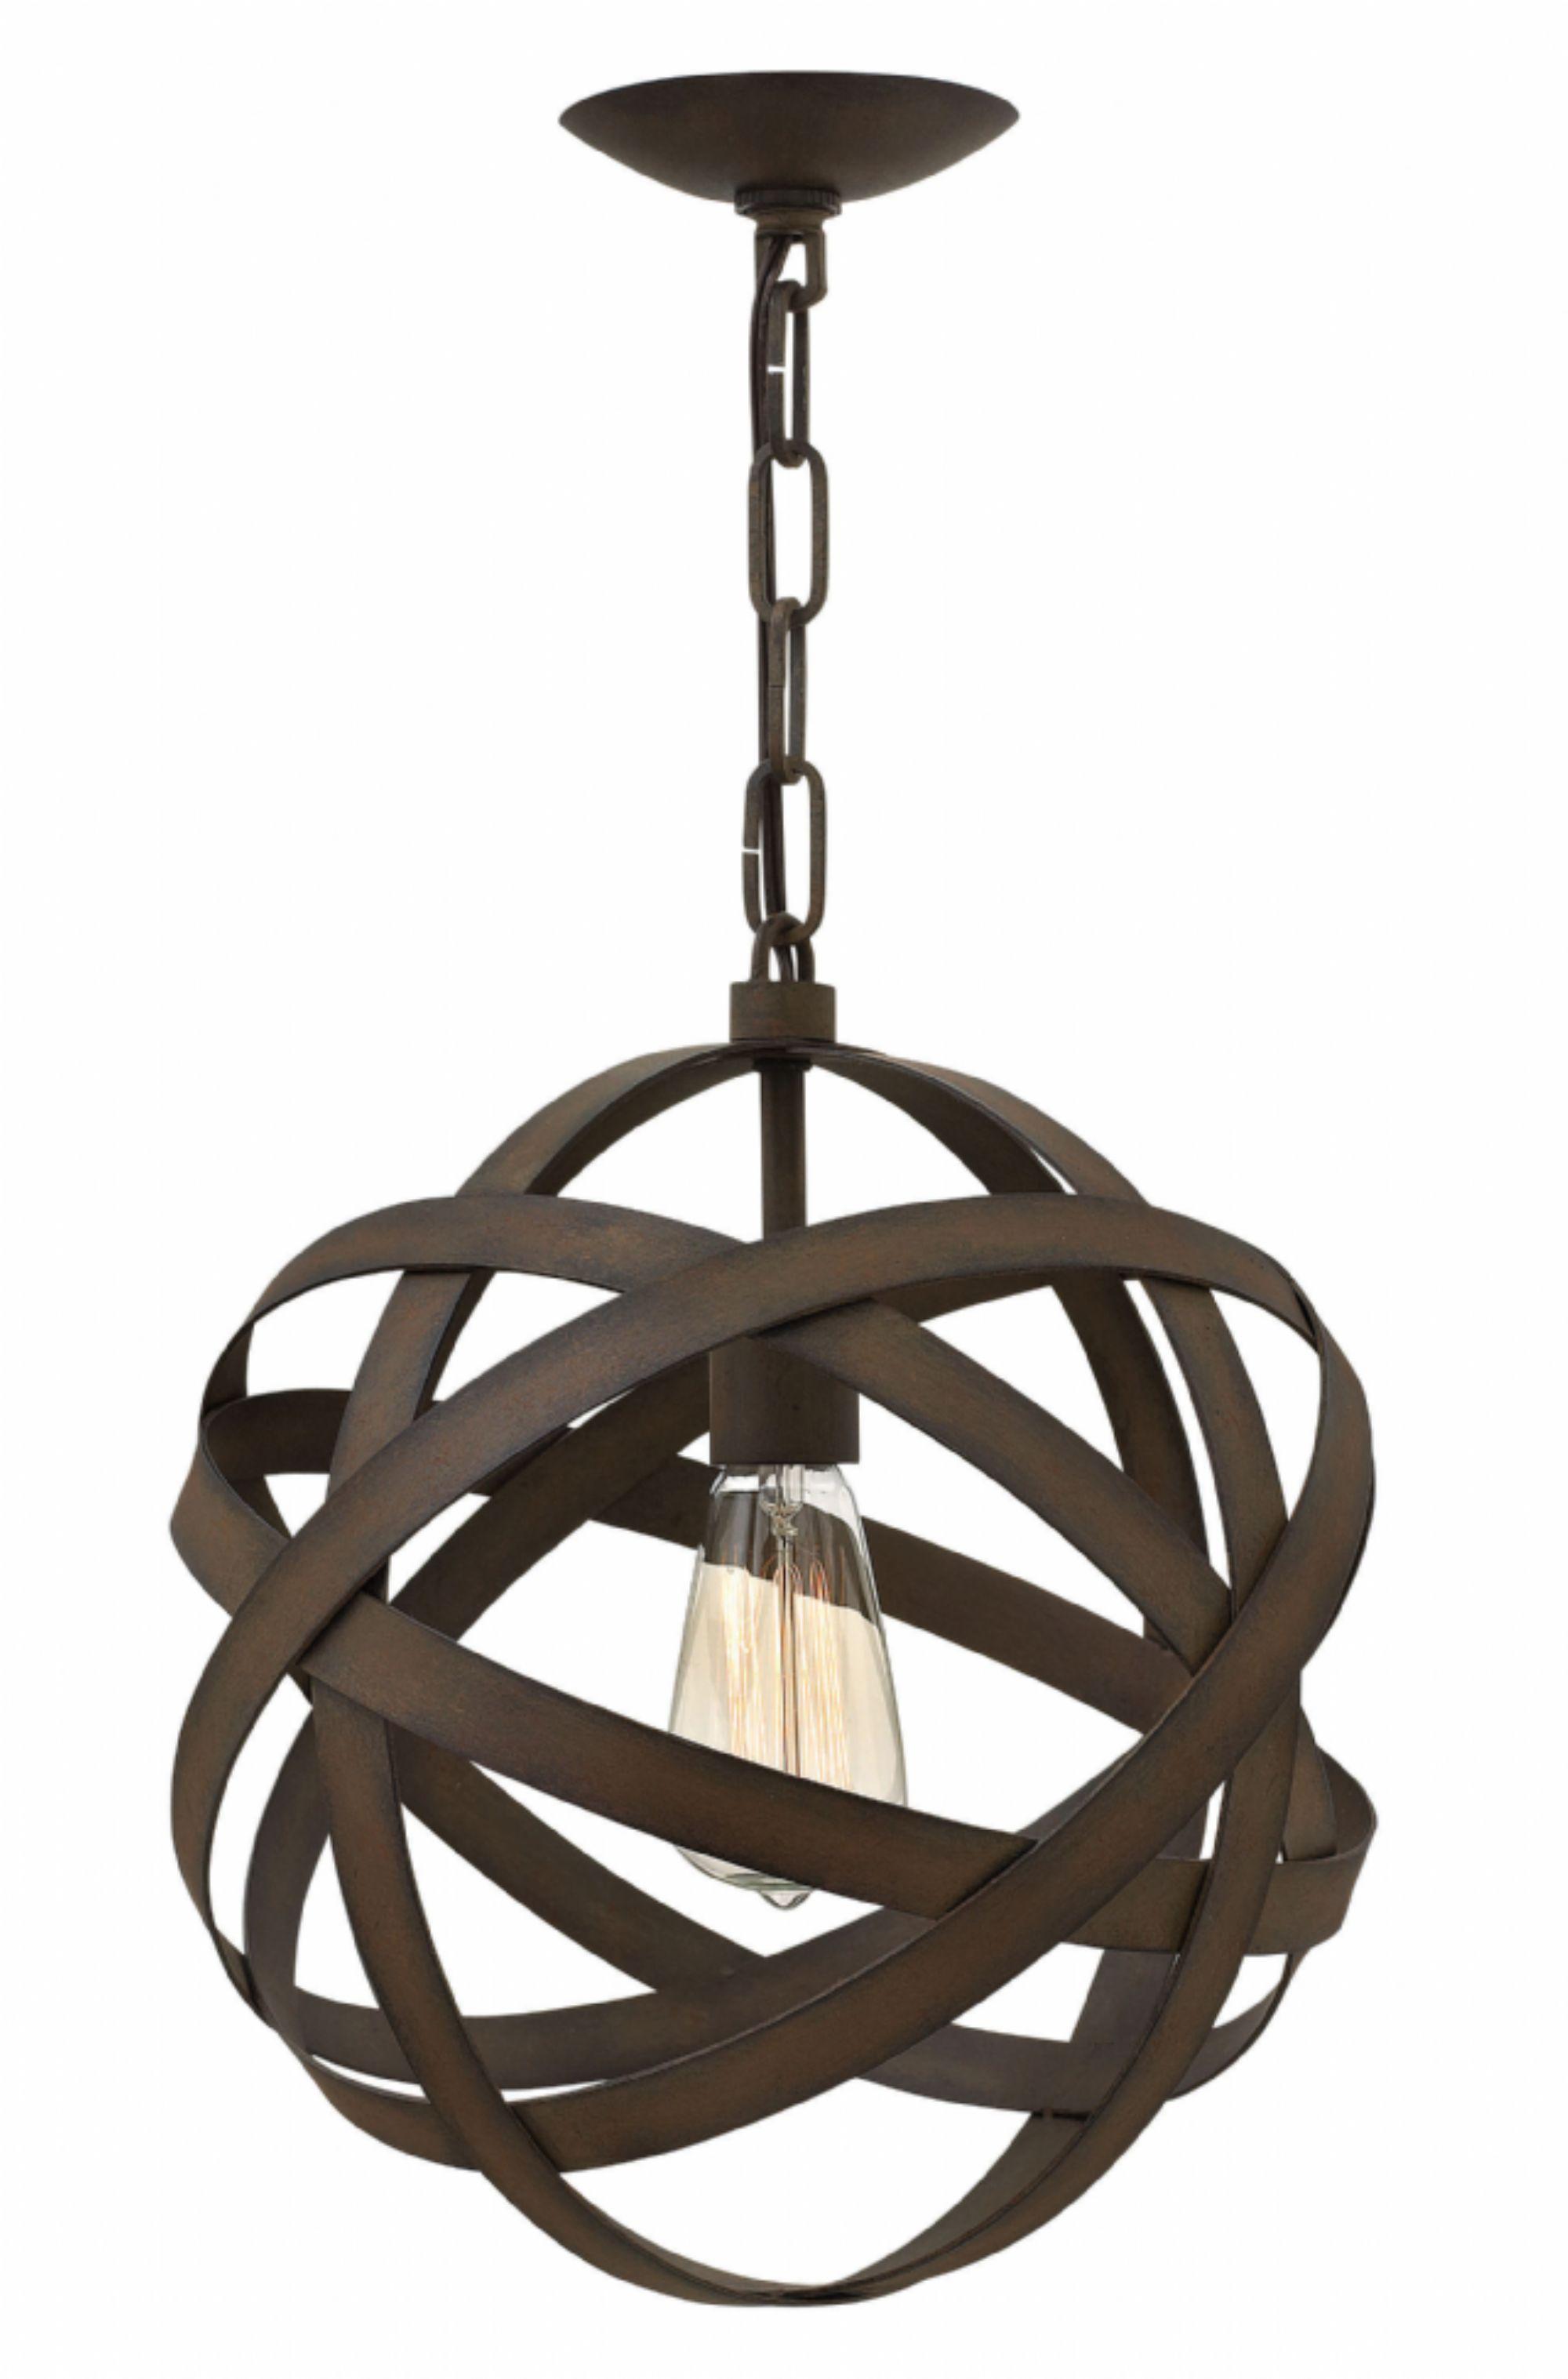 Hinkley Lighting - Carson Pendant FR40707VIR